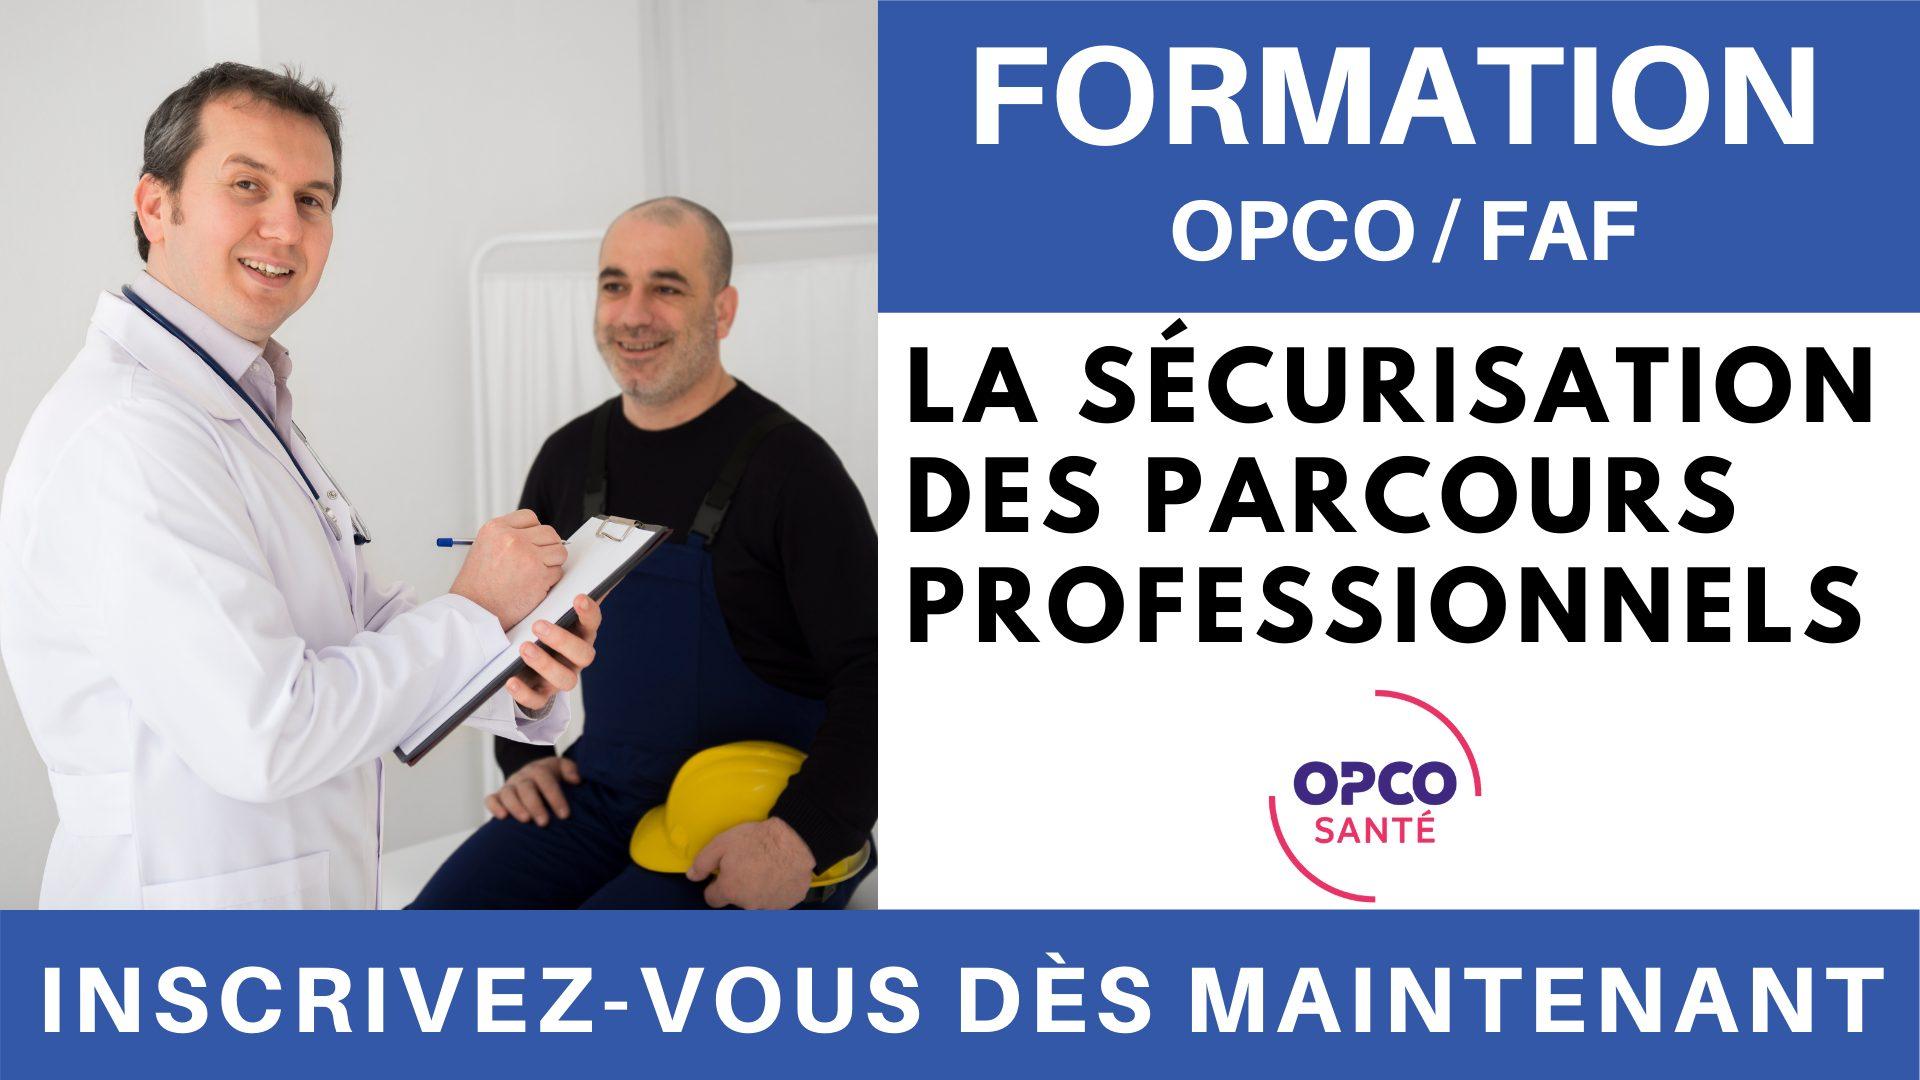 Formation OPCO FAF - La sécurisation des parcours professionnels